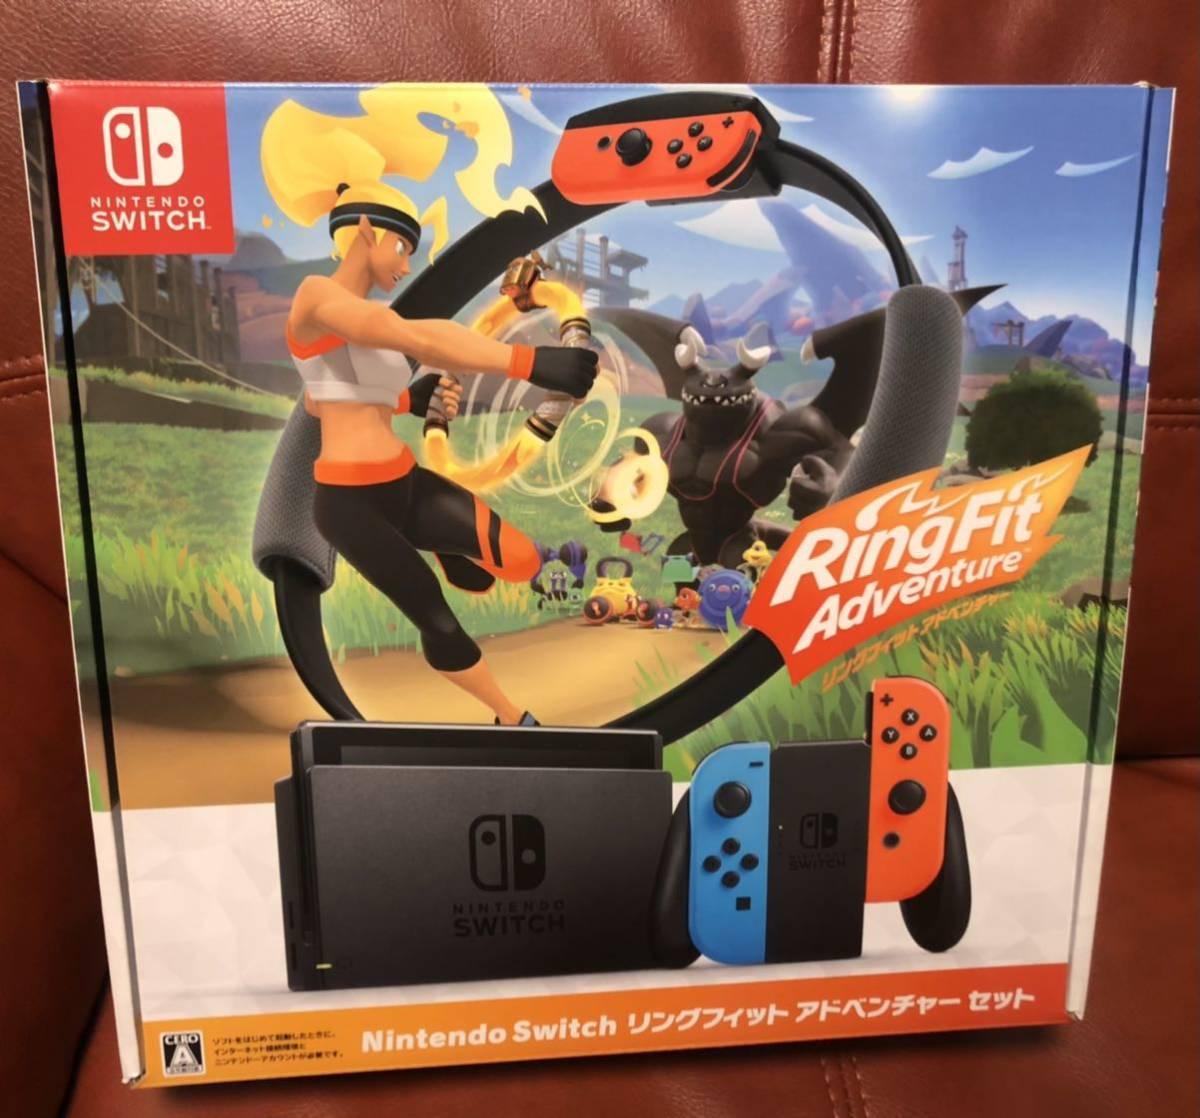 【超美品】【1円スタート】Nintendo Switch リングフィット アドベンチャー セット【本体同梱版】